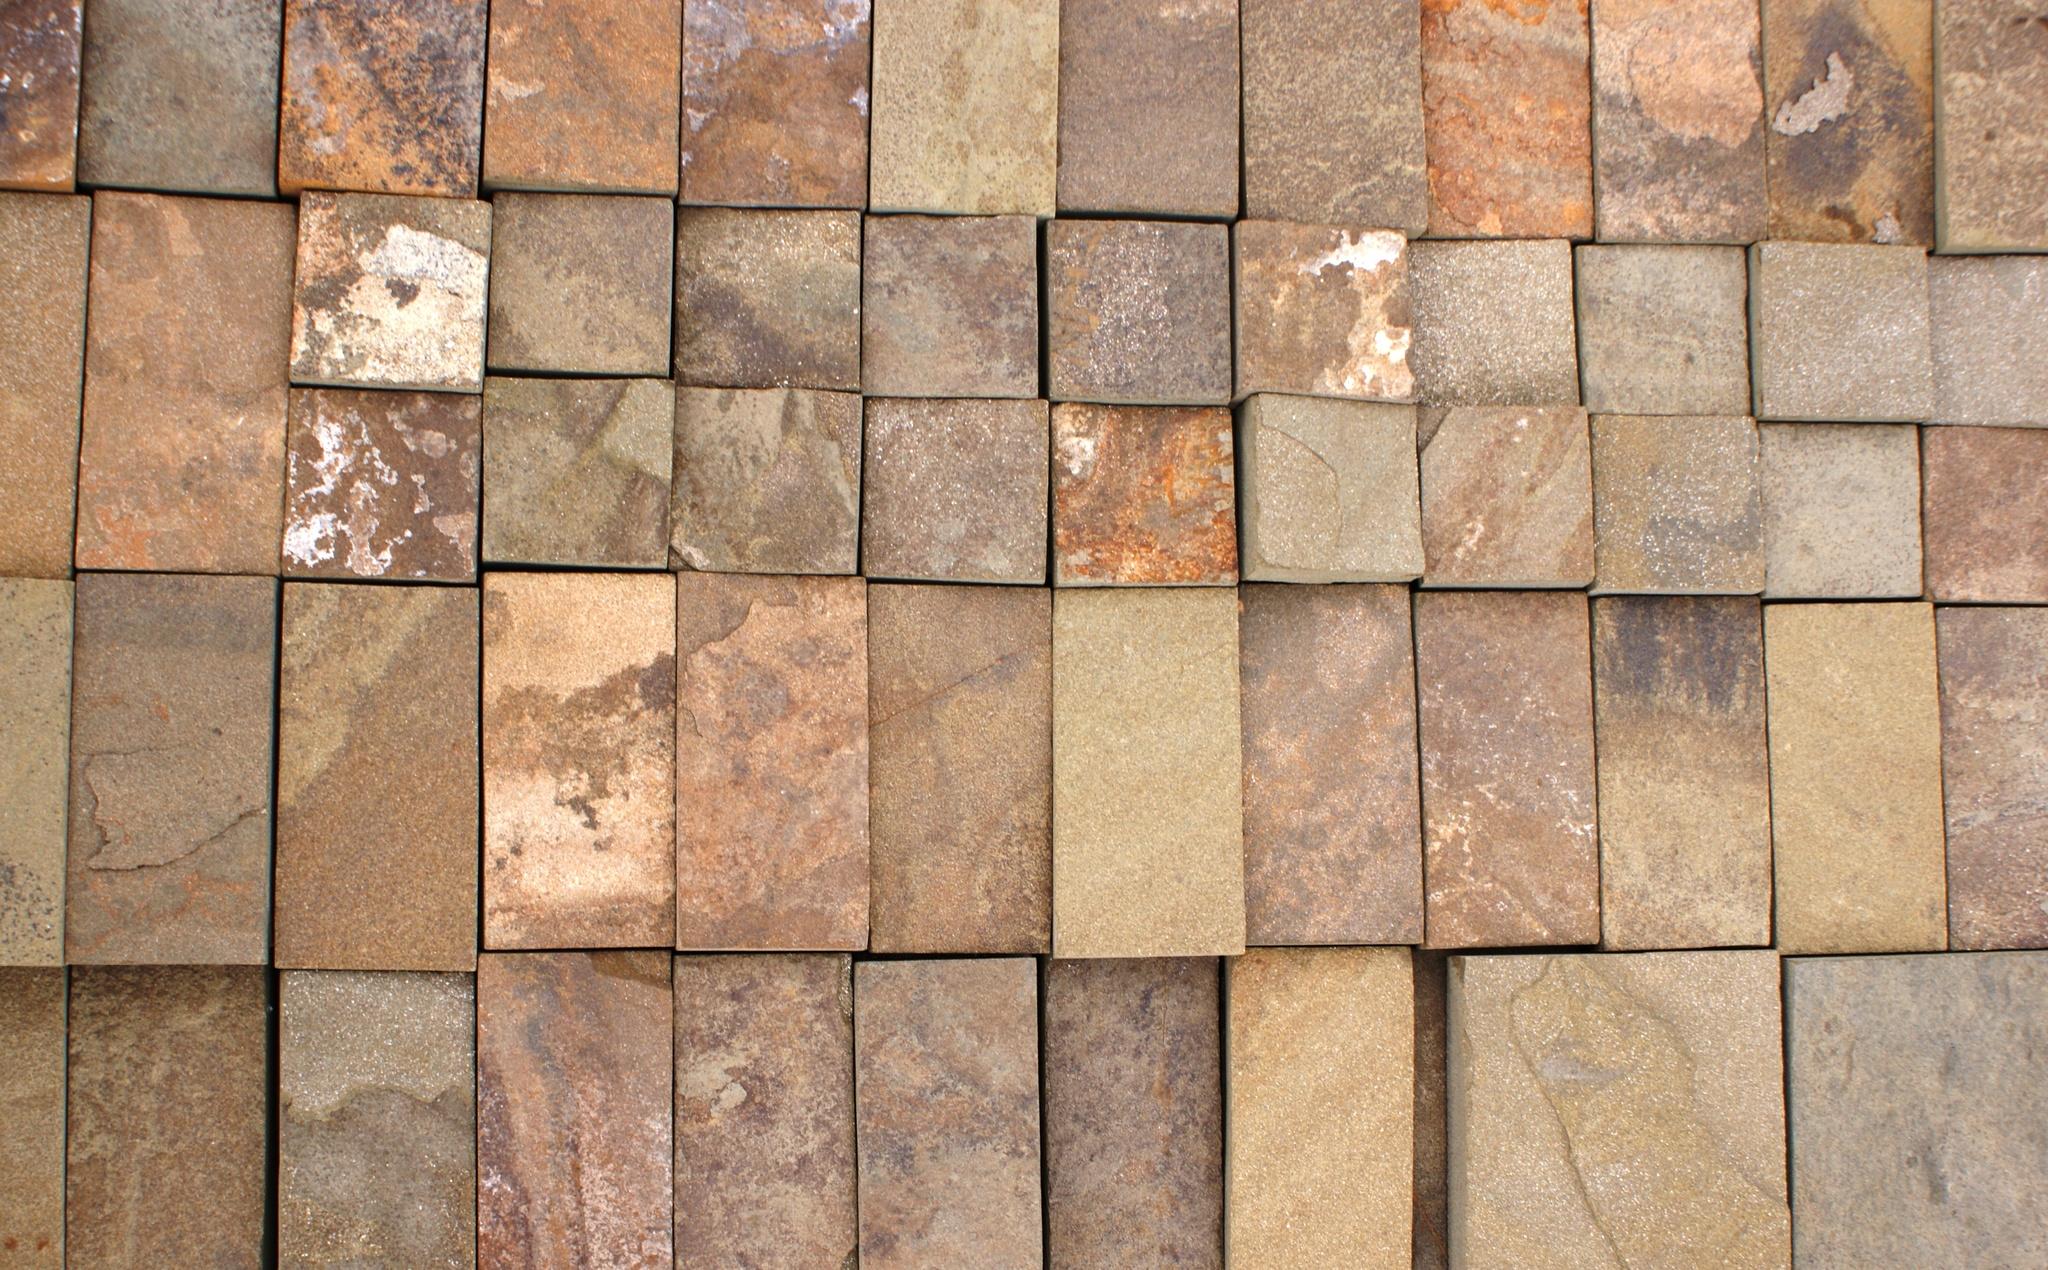 Набор плитки песчаник пиленный Серый кратно 5 см, укладка на поддон